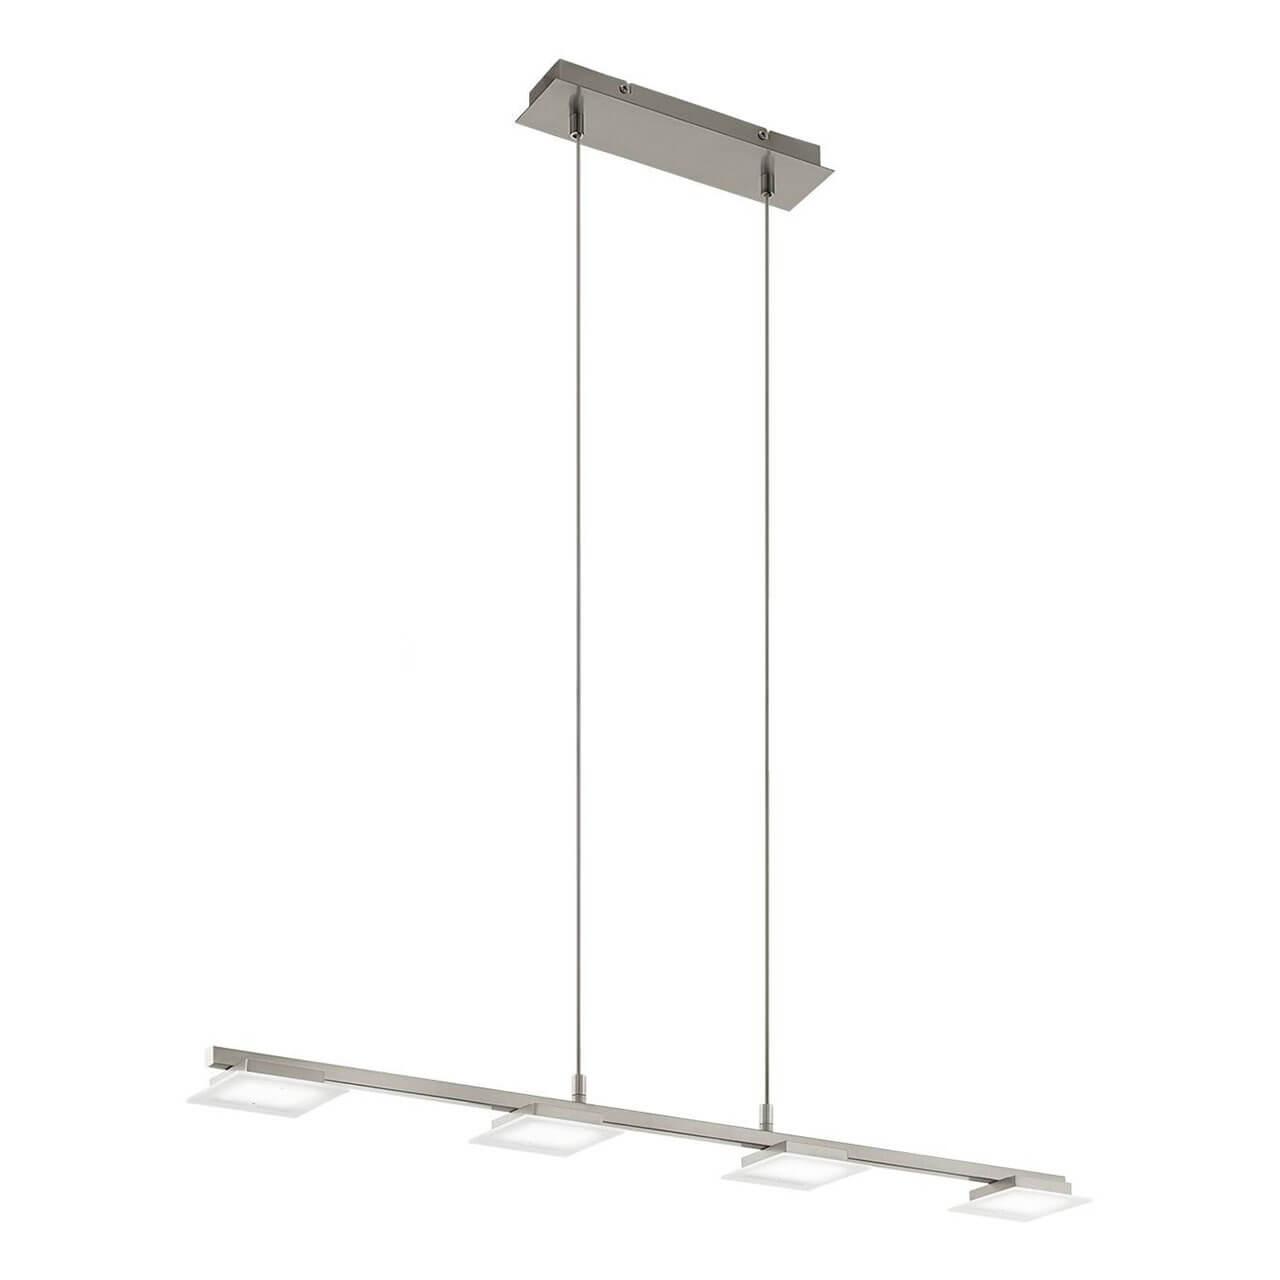 цена на Подвесной светодиодный светильник Eglo Laniena 97085